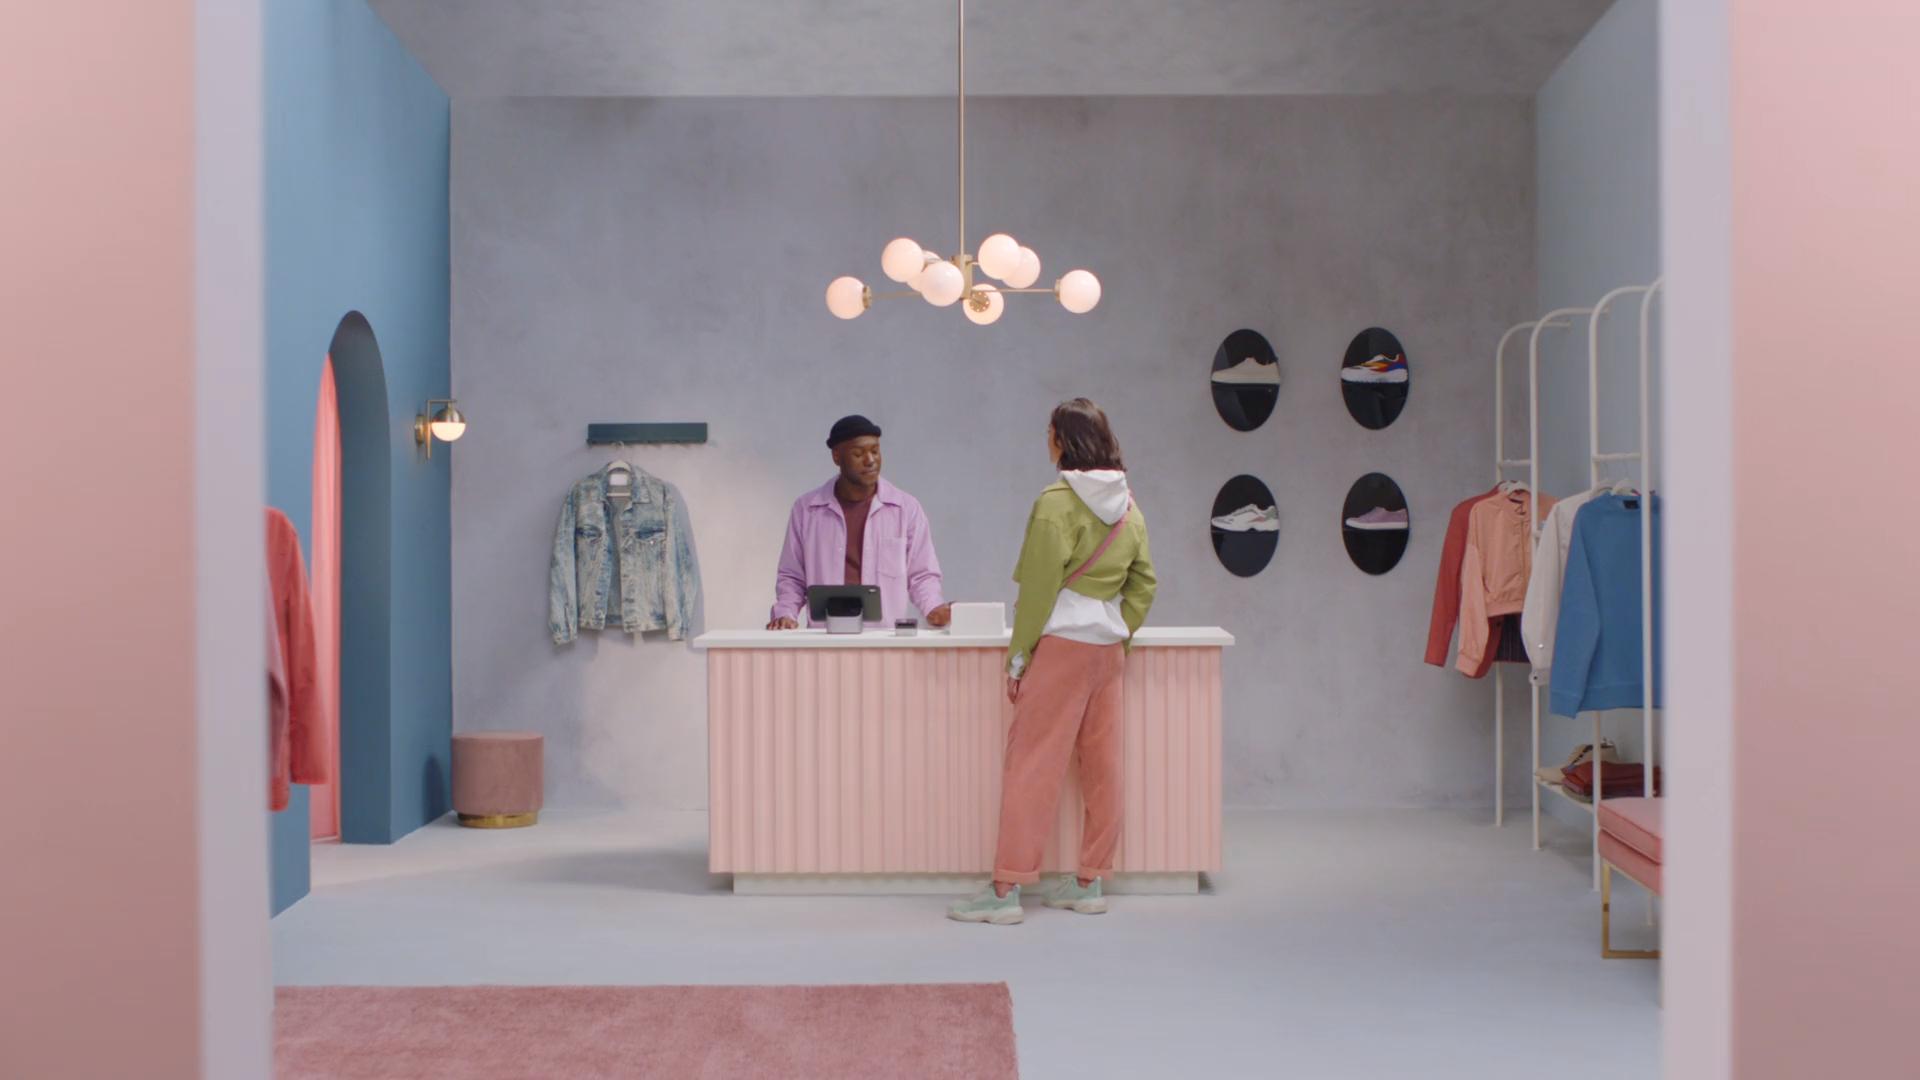 Soleil Denault, LM Chabot, Oliver Stenberg - Shopify #artdirection